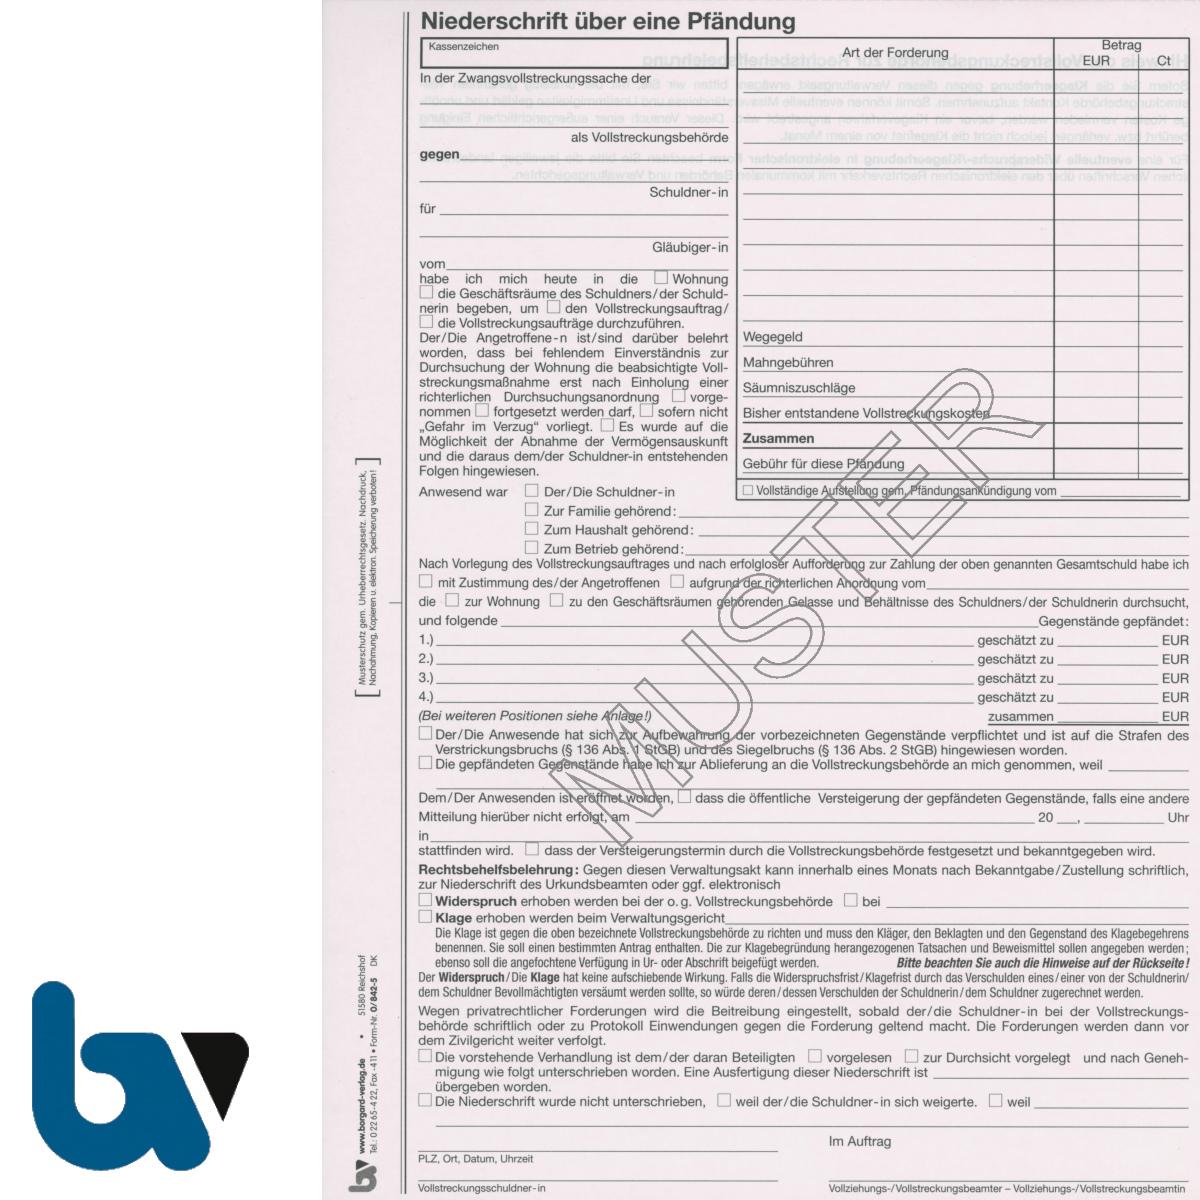 0/842-5 Niederschrift Sach Pfändung Vollstreckung Einschlagdeckel Durchschreibeschutz Schreibschutzdeckel perforiert 2-fach selbstdurchschreibend DIN A4 Vorderseite | Borgard Verlag GmbH